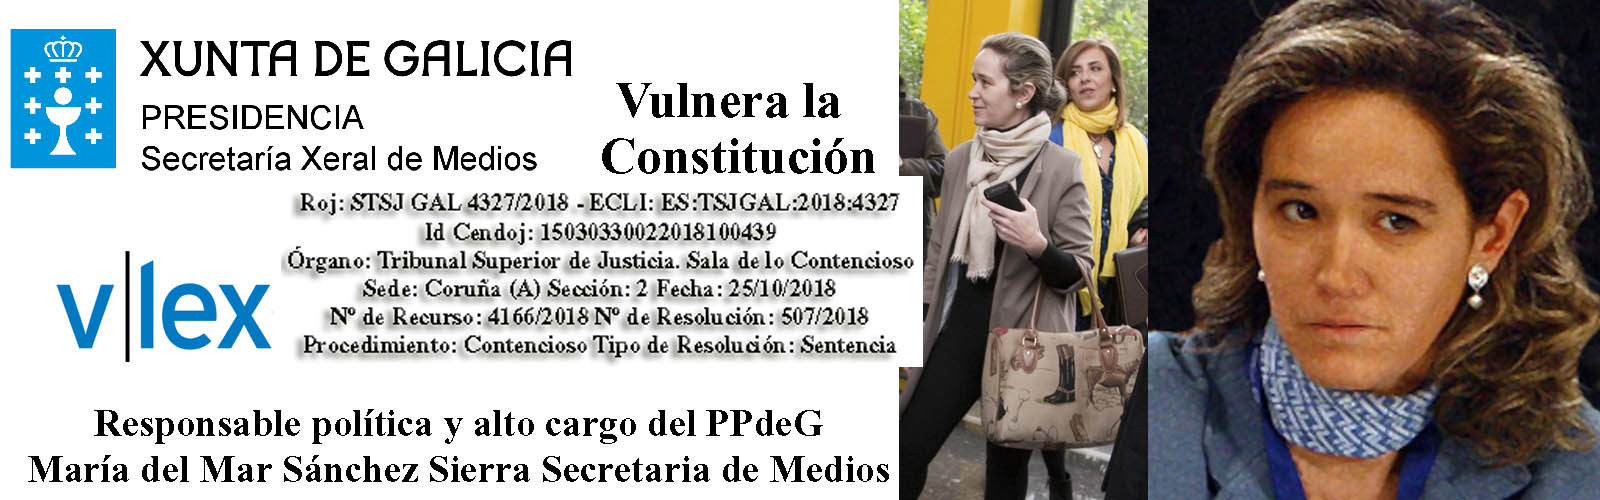 Gobierno de Feijóo y PPdeG; Altos Cargos de Confianza y la ...